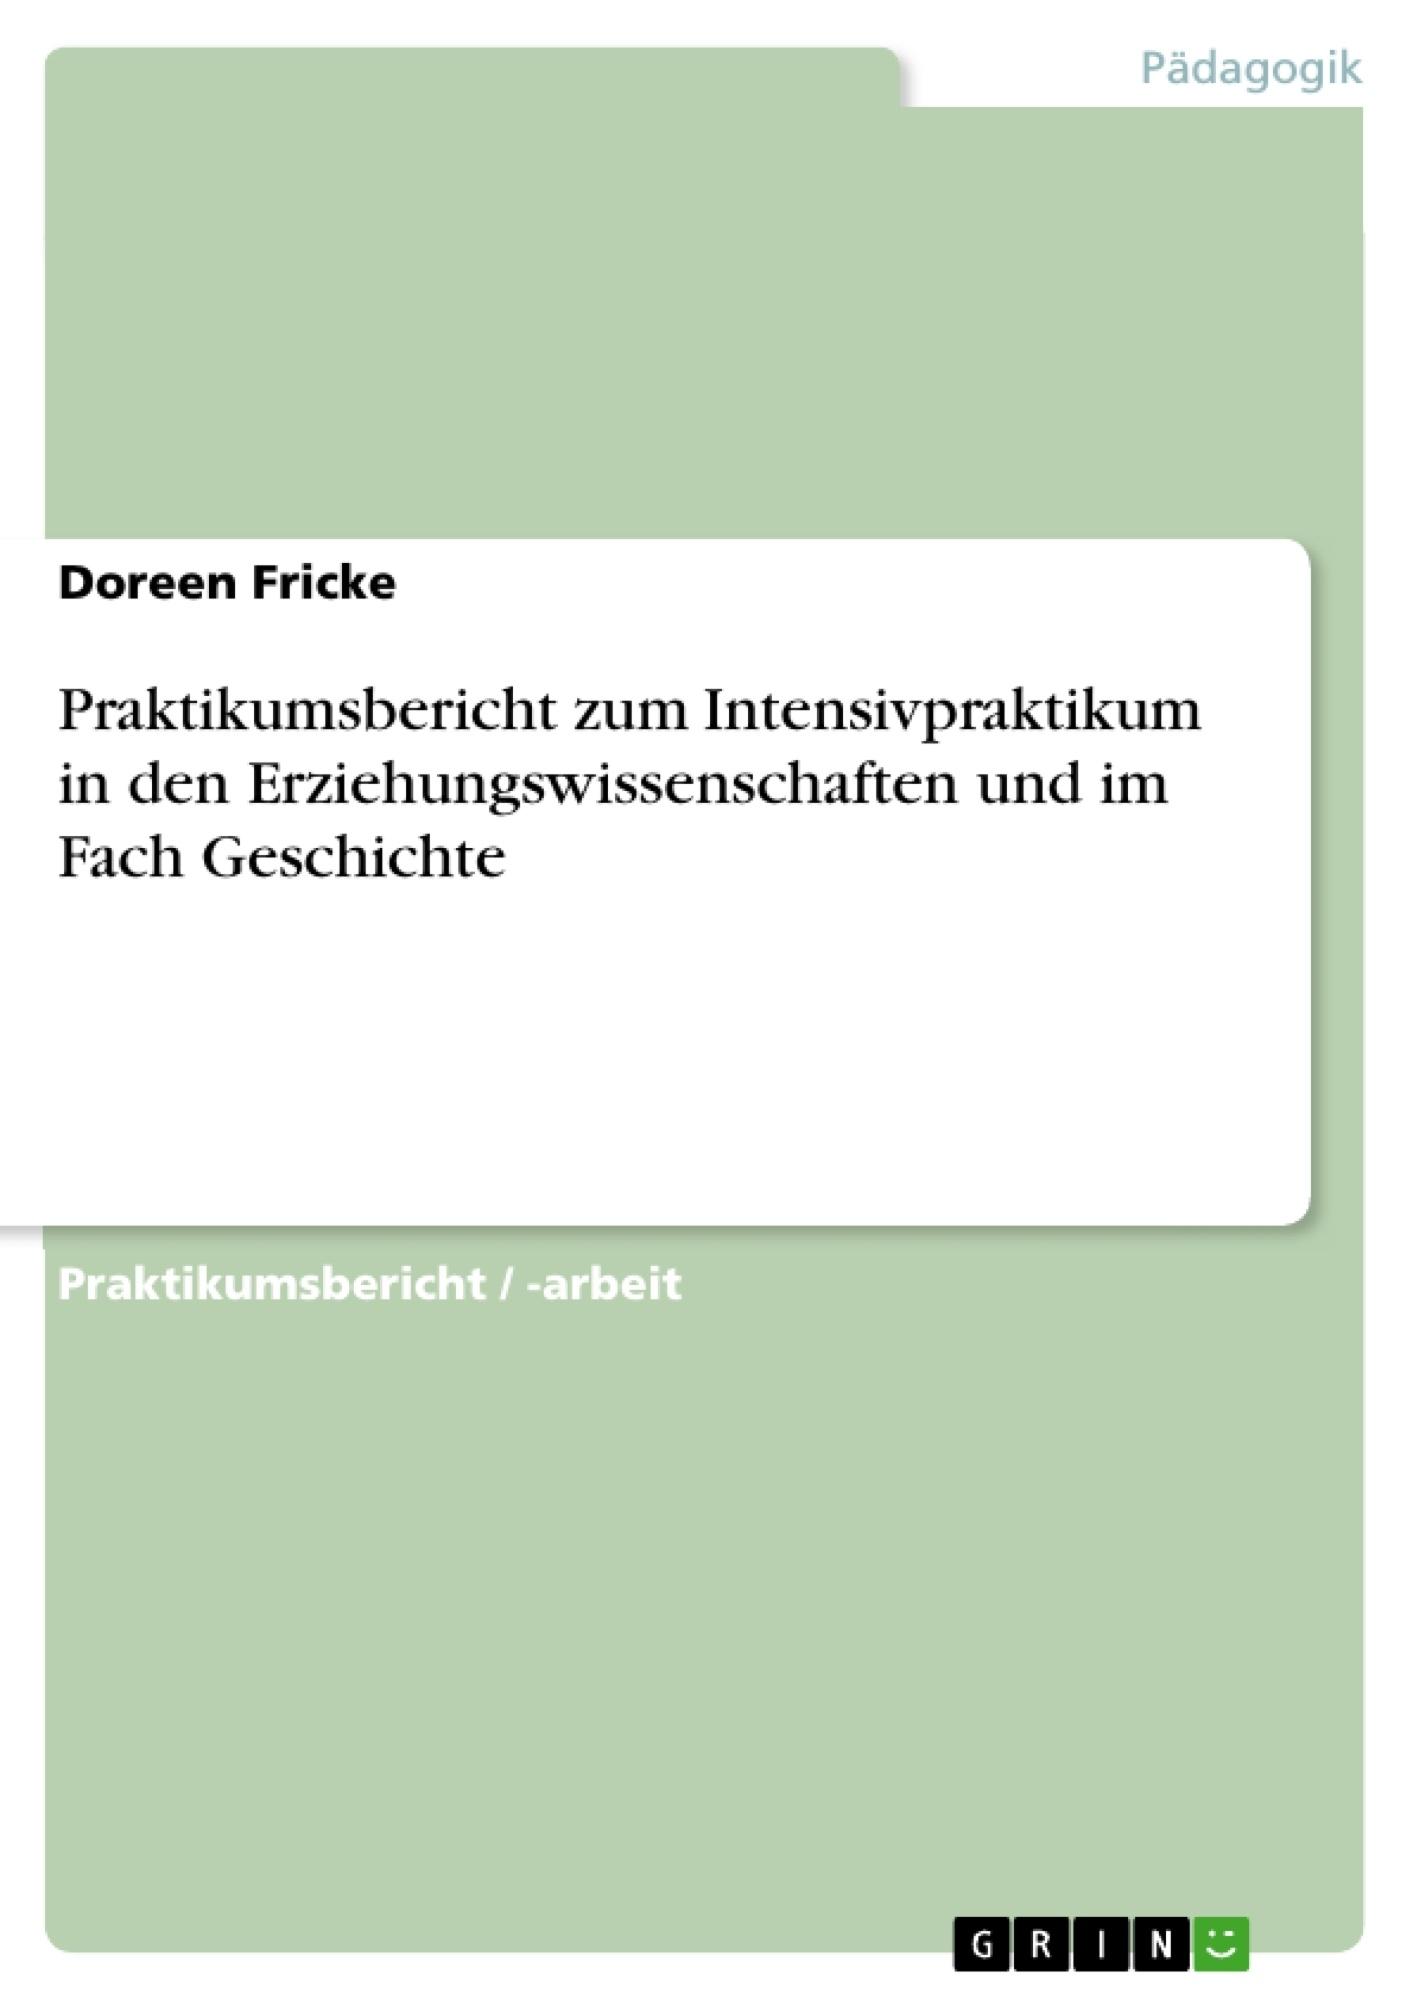 Titel: Praktikumsbericht zum Intensivpraktikum in den Erziehungswissenschaften und im Fach Geschichte